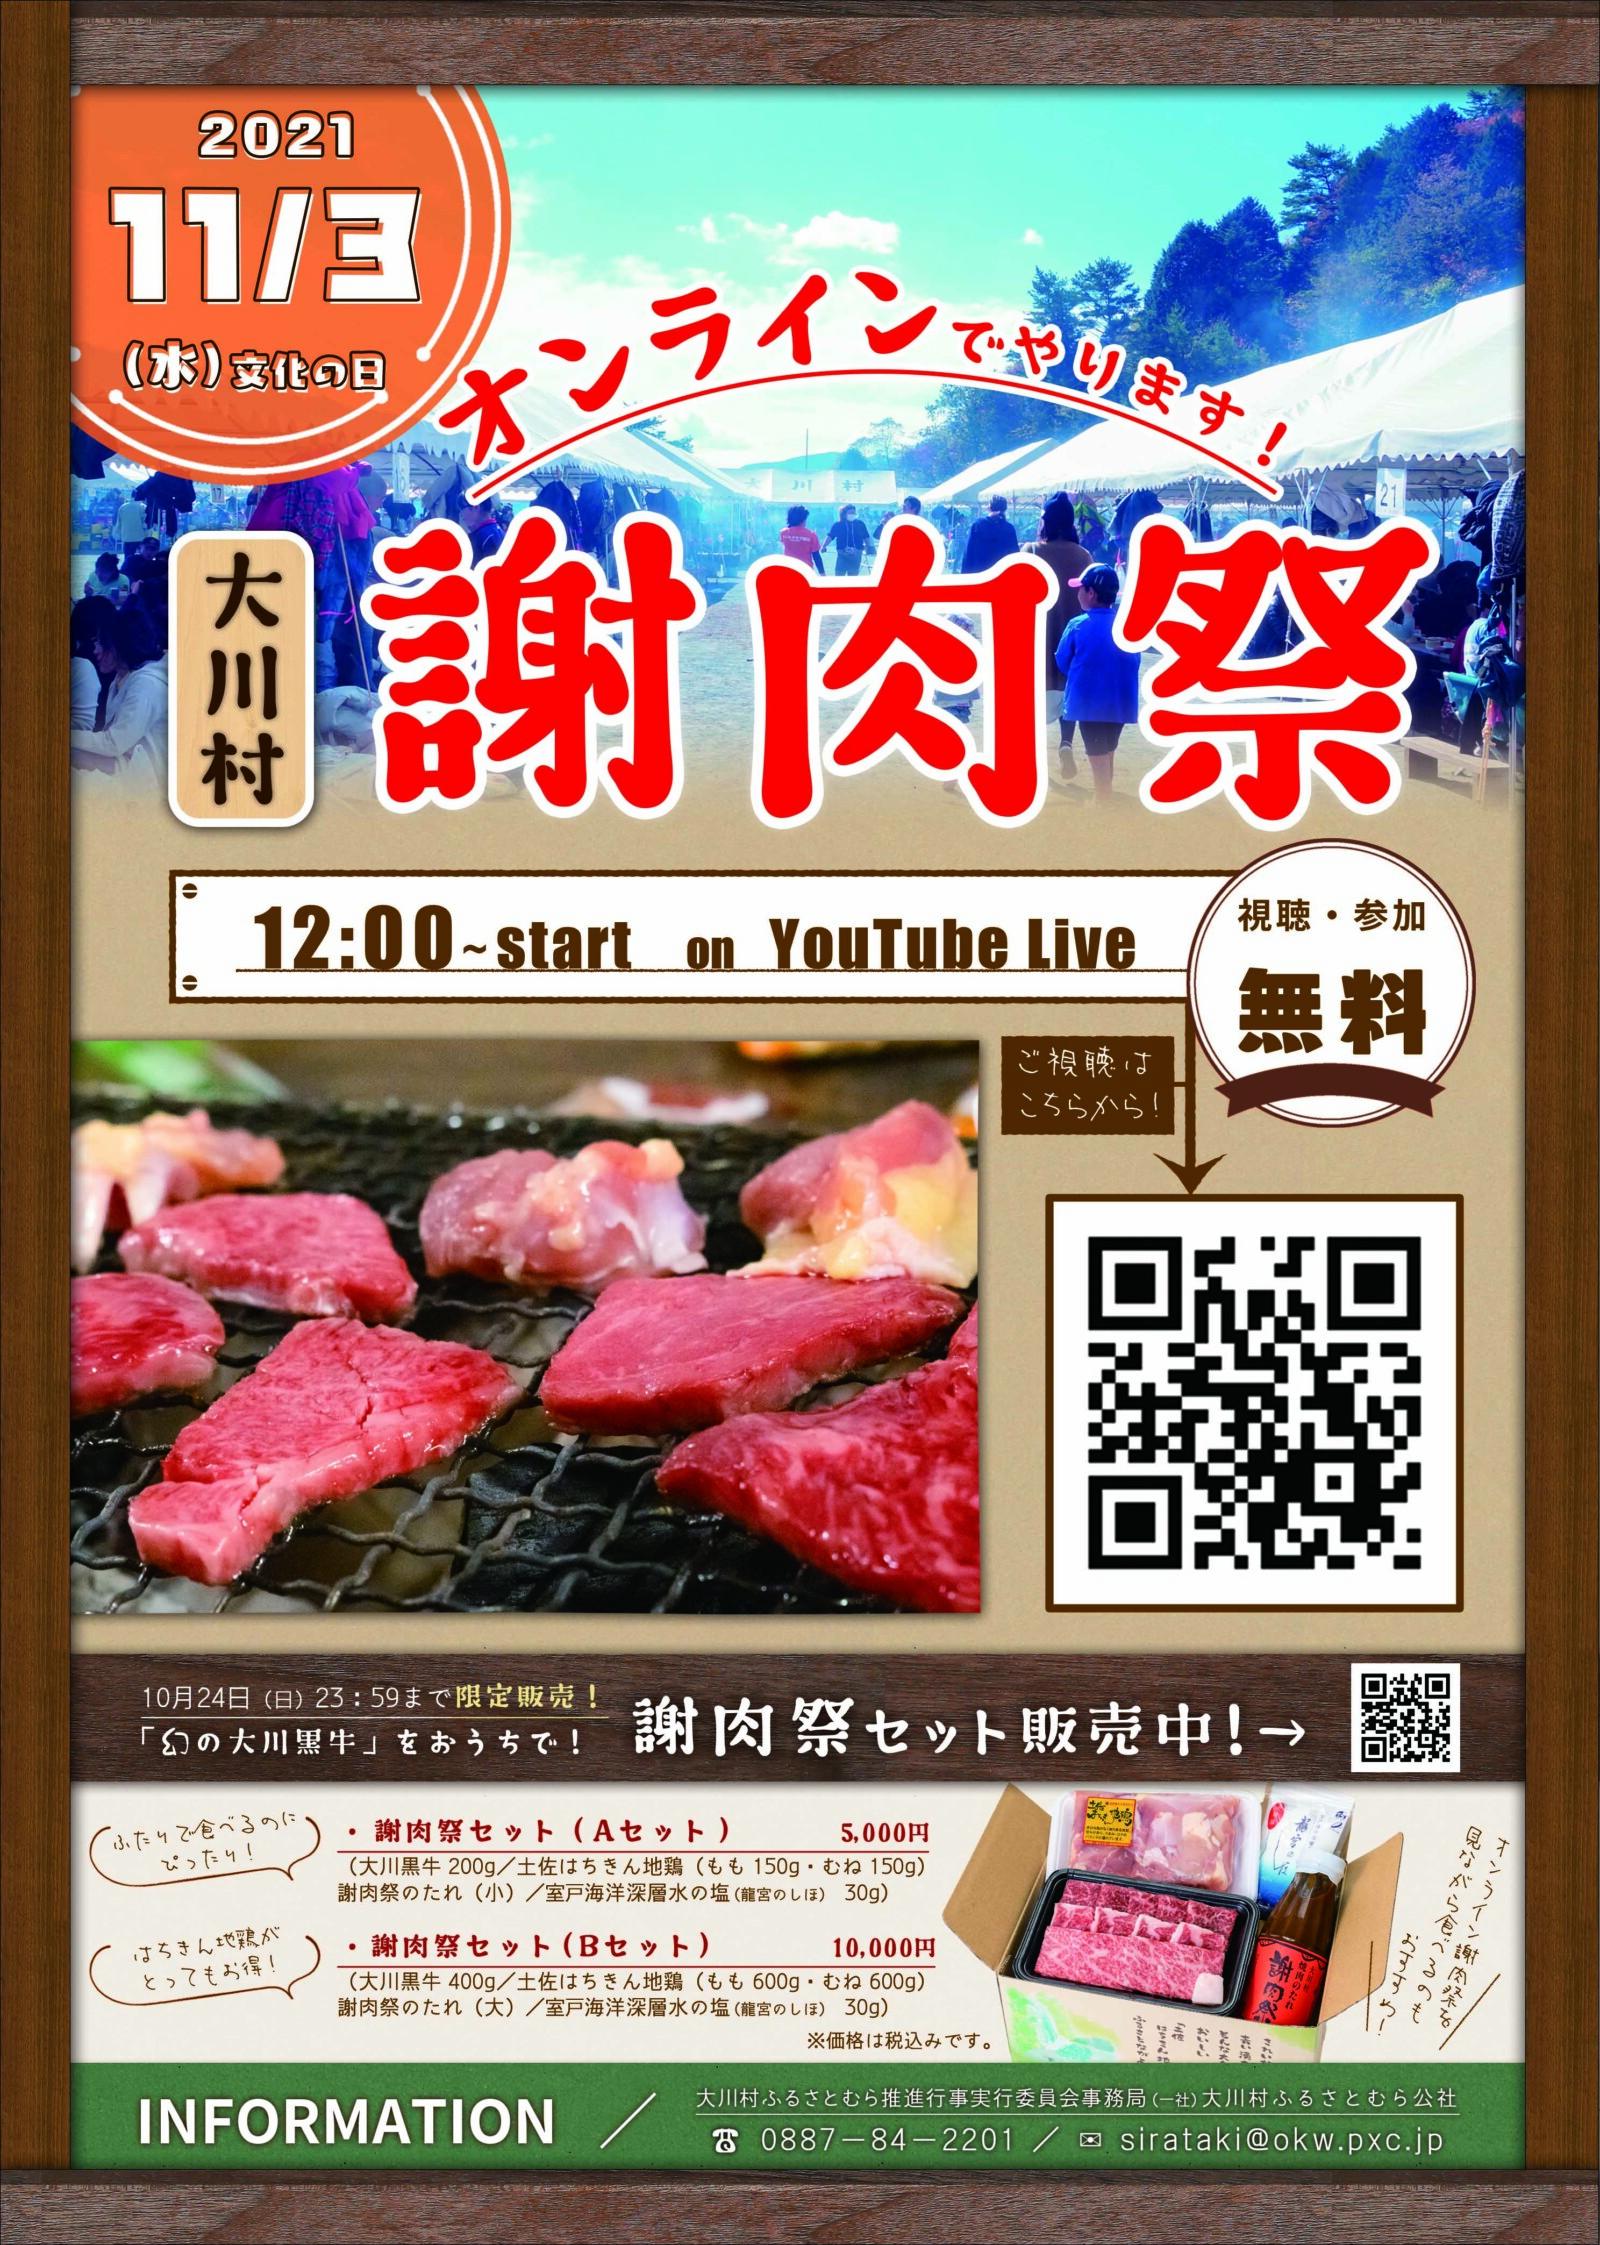 2021オンライン謝肉祭チラシ